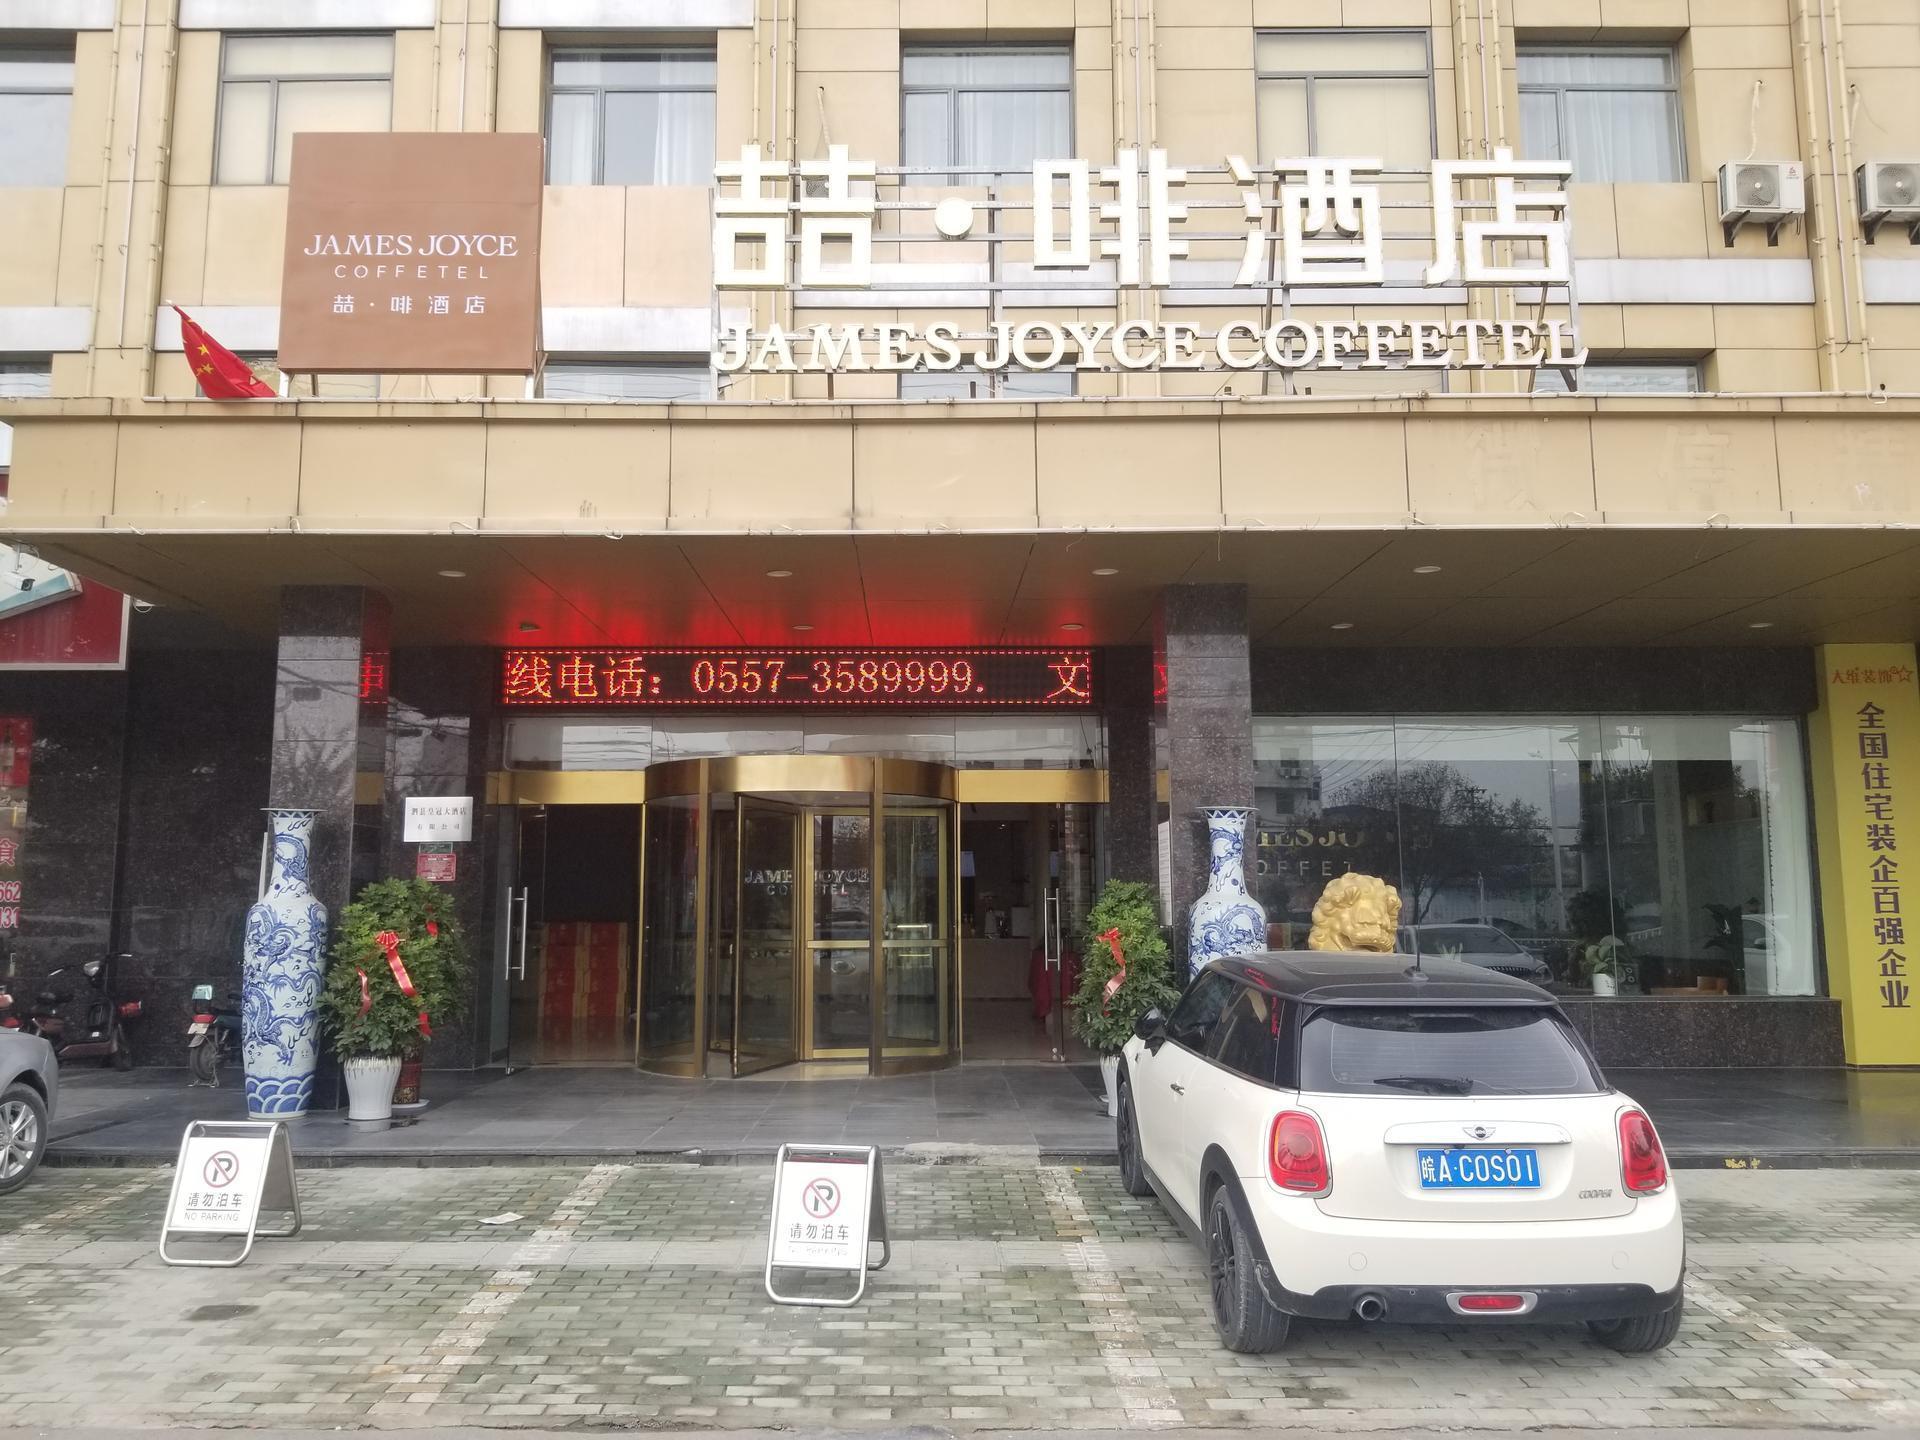 James Joyce Coffetel Suzhou Si County Qingshuiwan Park